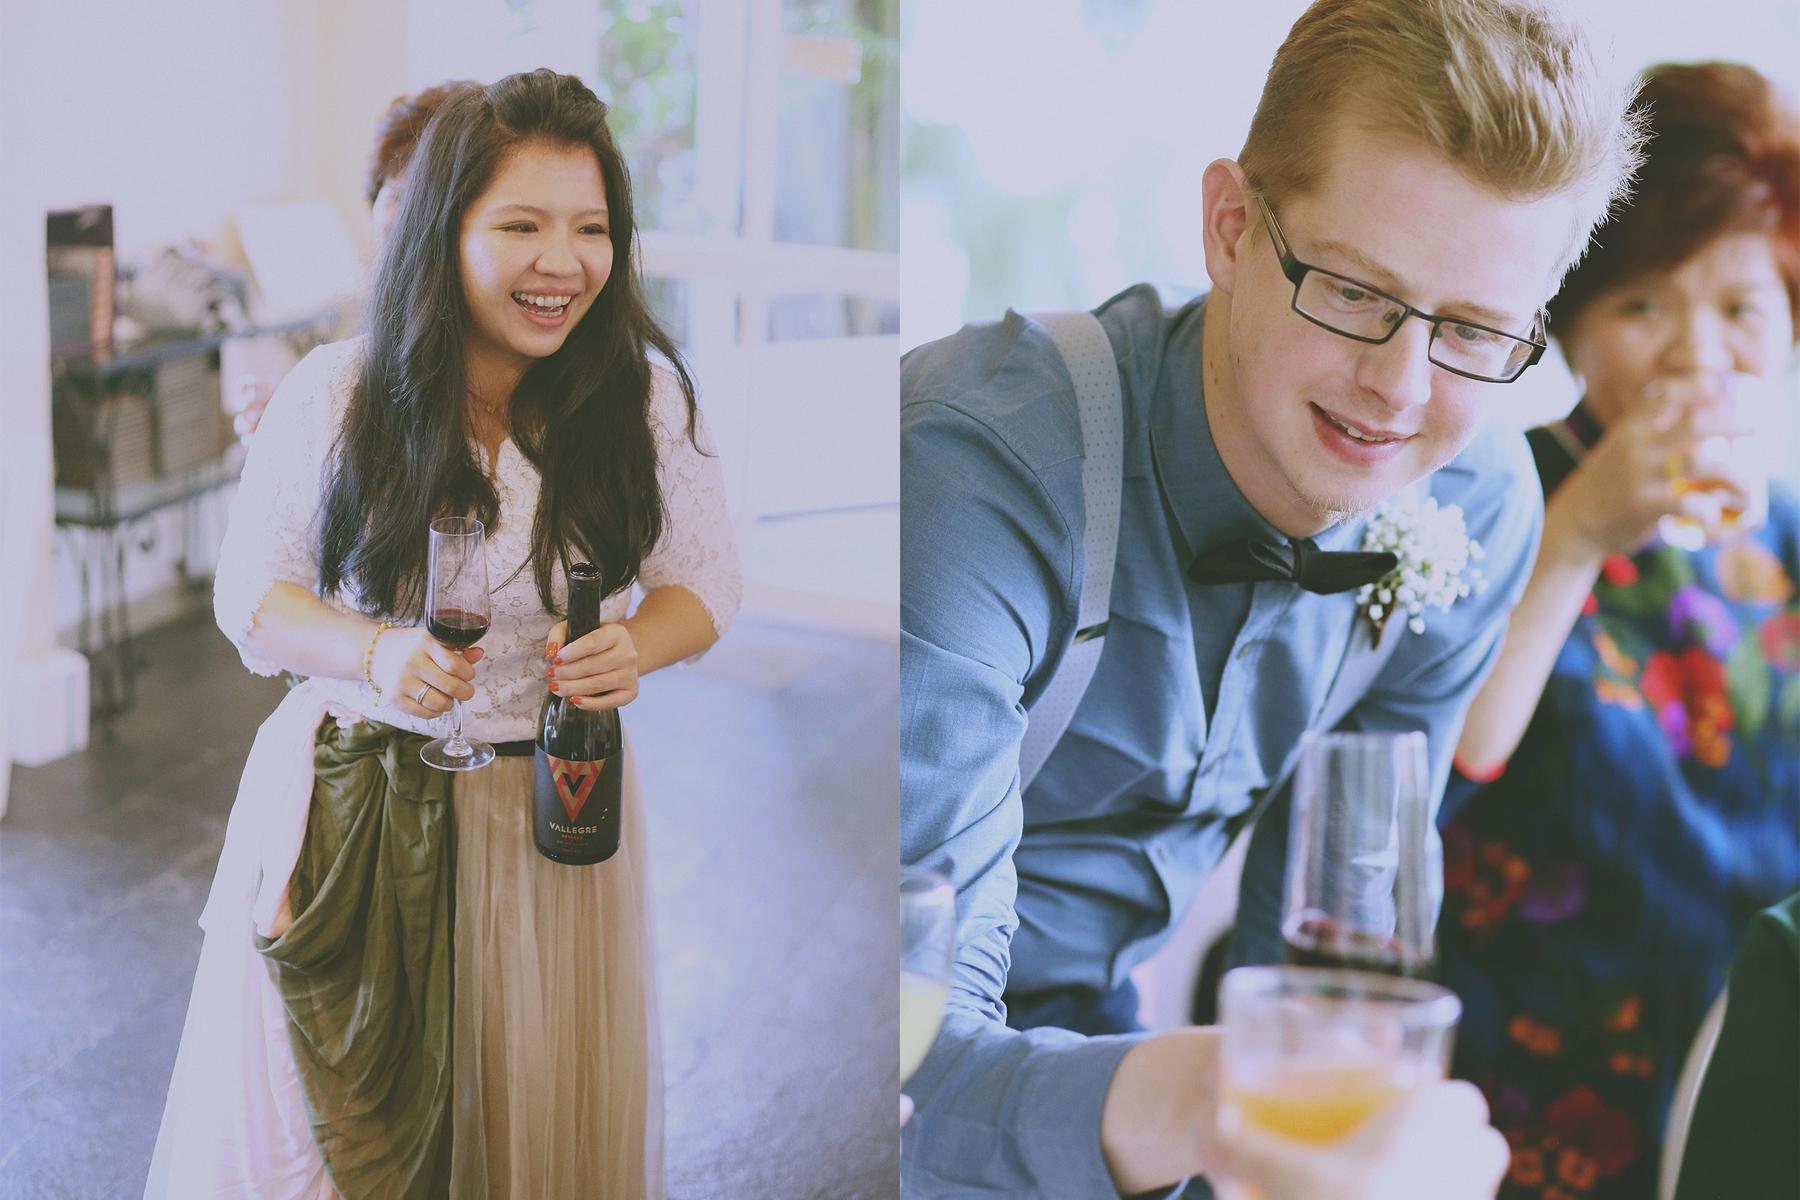 戶外婚禮,底片婚攝,婚禮攝影,婚禮攝影師推薦,桃園,桐話庭園餐廳,婚攝推薦,婚禮紀錄,電影風格